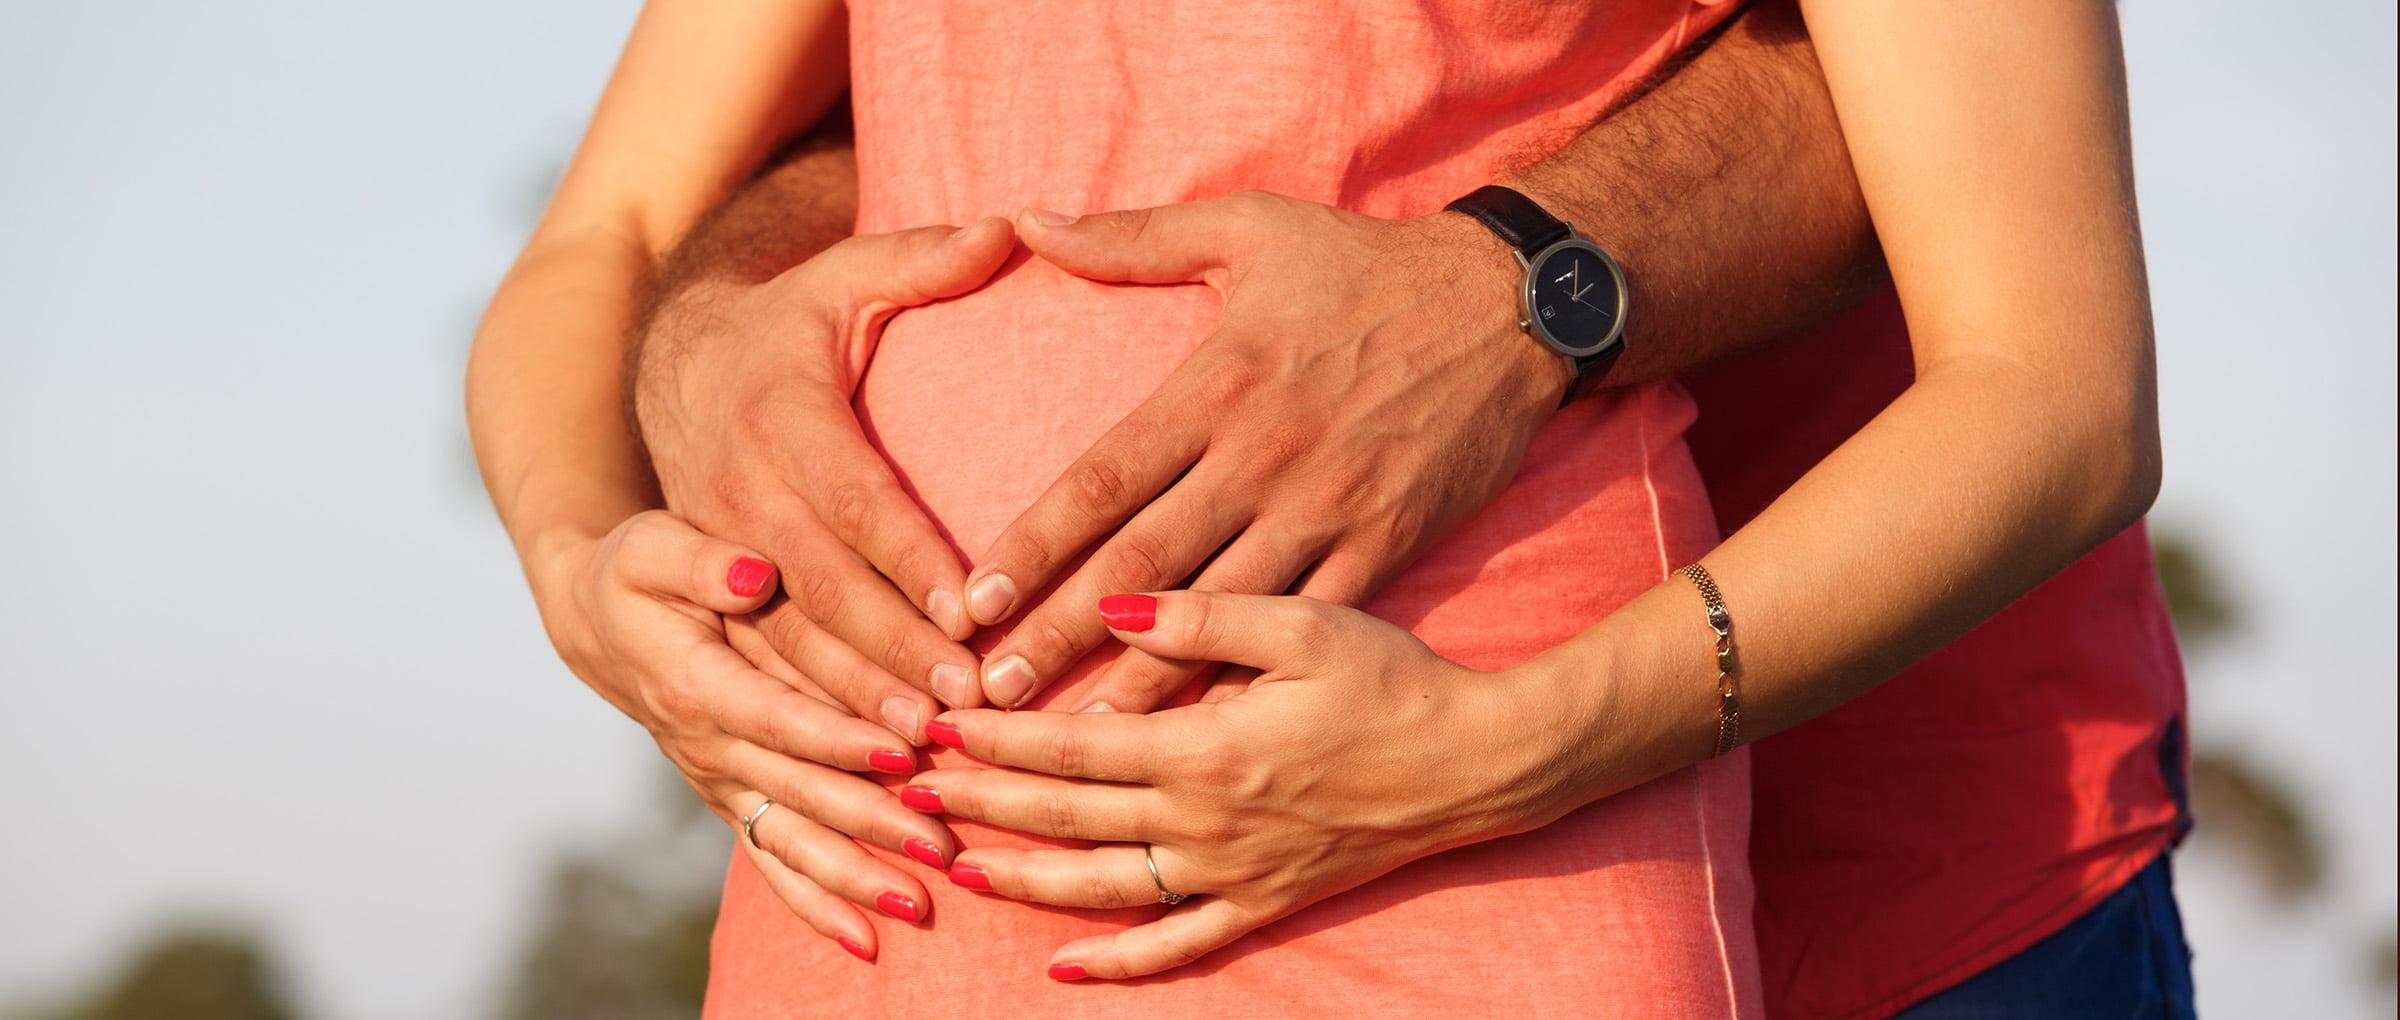 Conseguir el embarazo por FIV gracias a la donación de semen